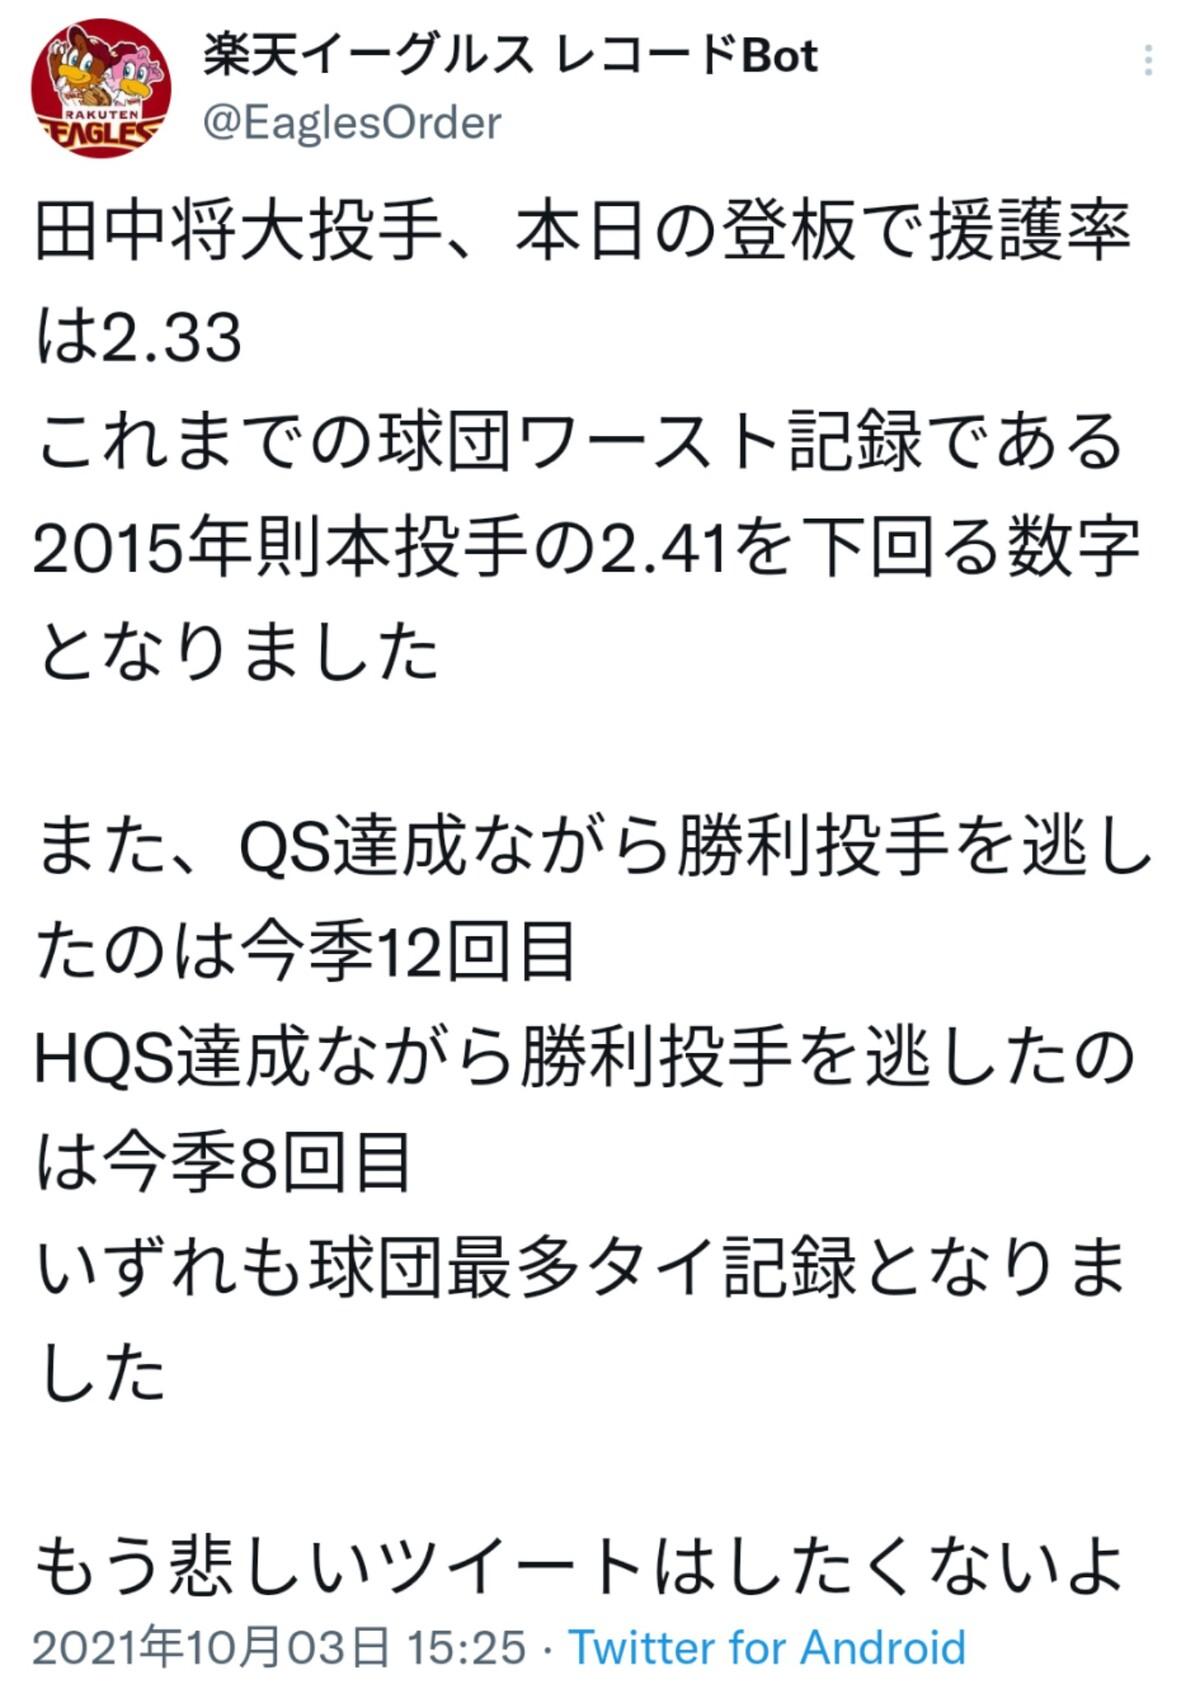 【悲報】 田中将大さんの無援護ぶり、ついに球団史に残るレベルにまでなってしまう…